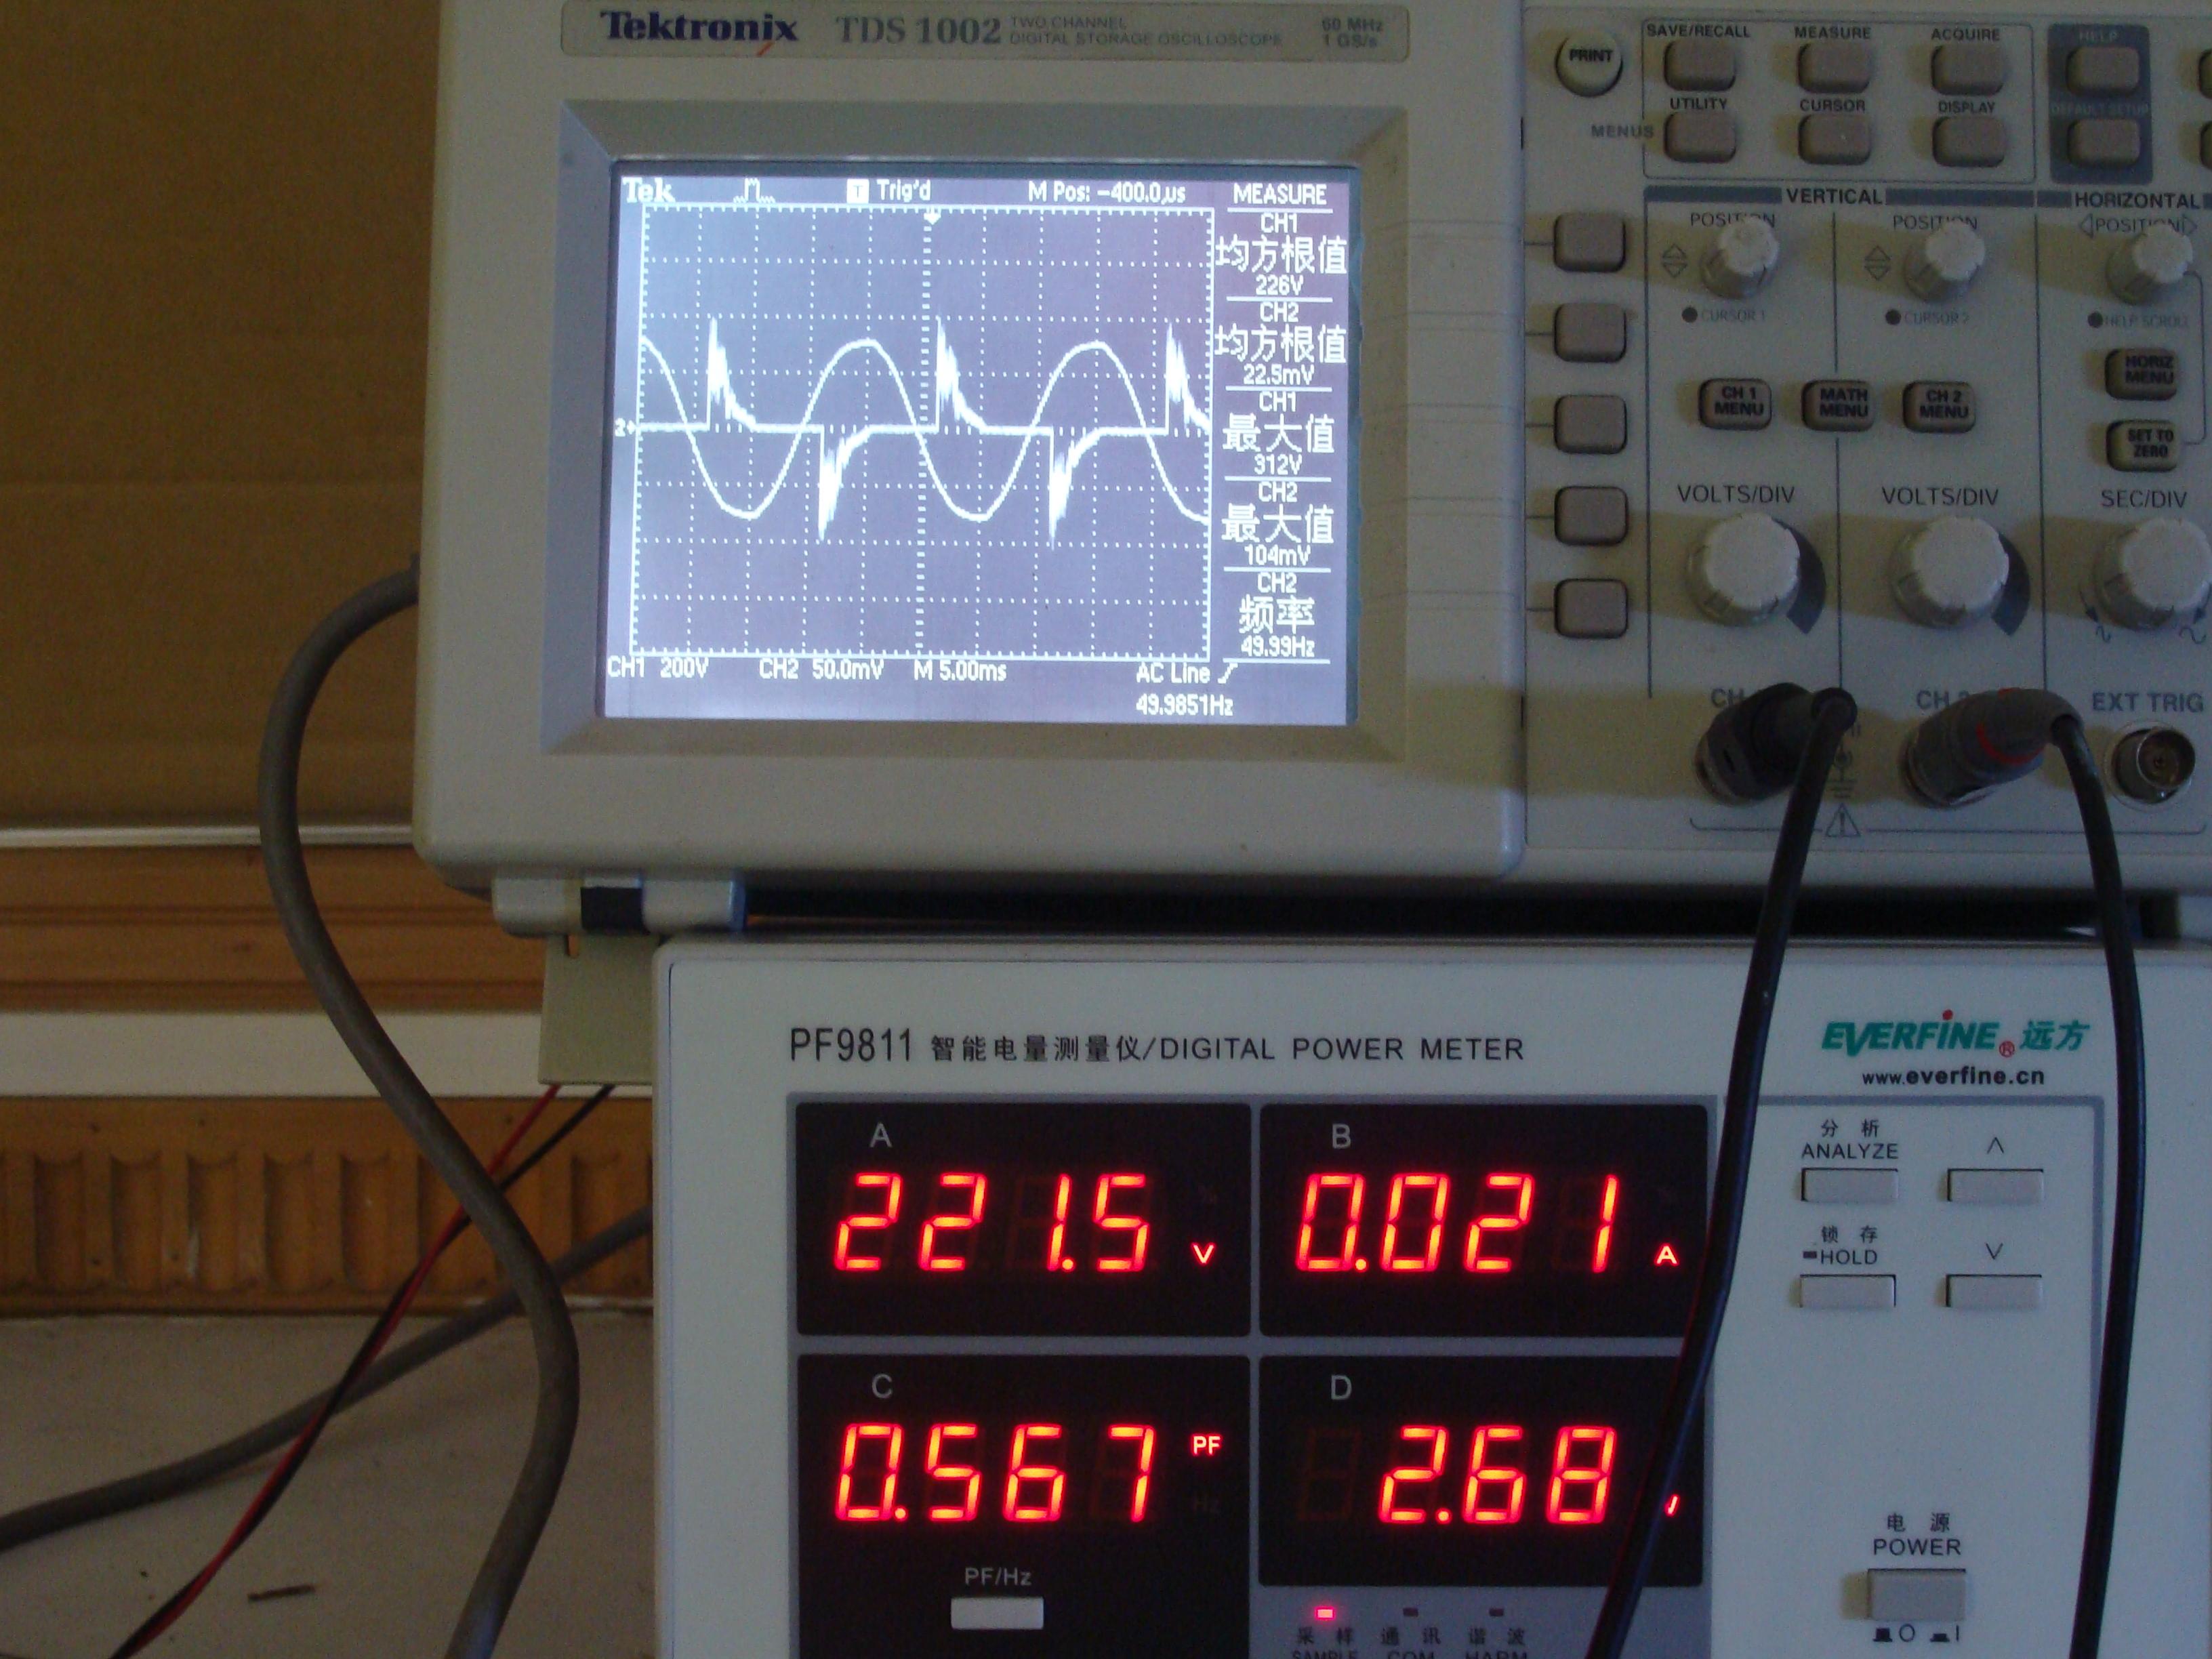 未串入电感镇流器的输入电压电流波形